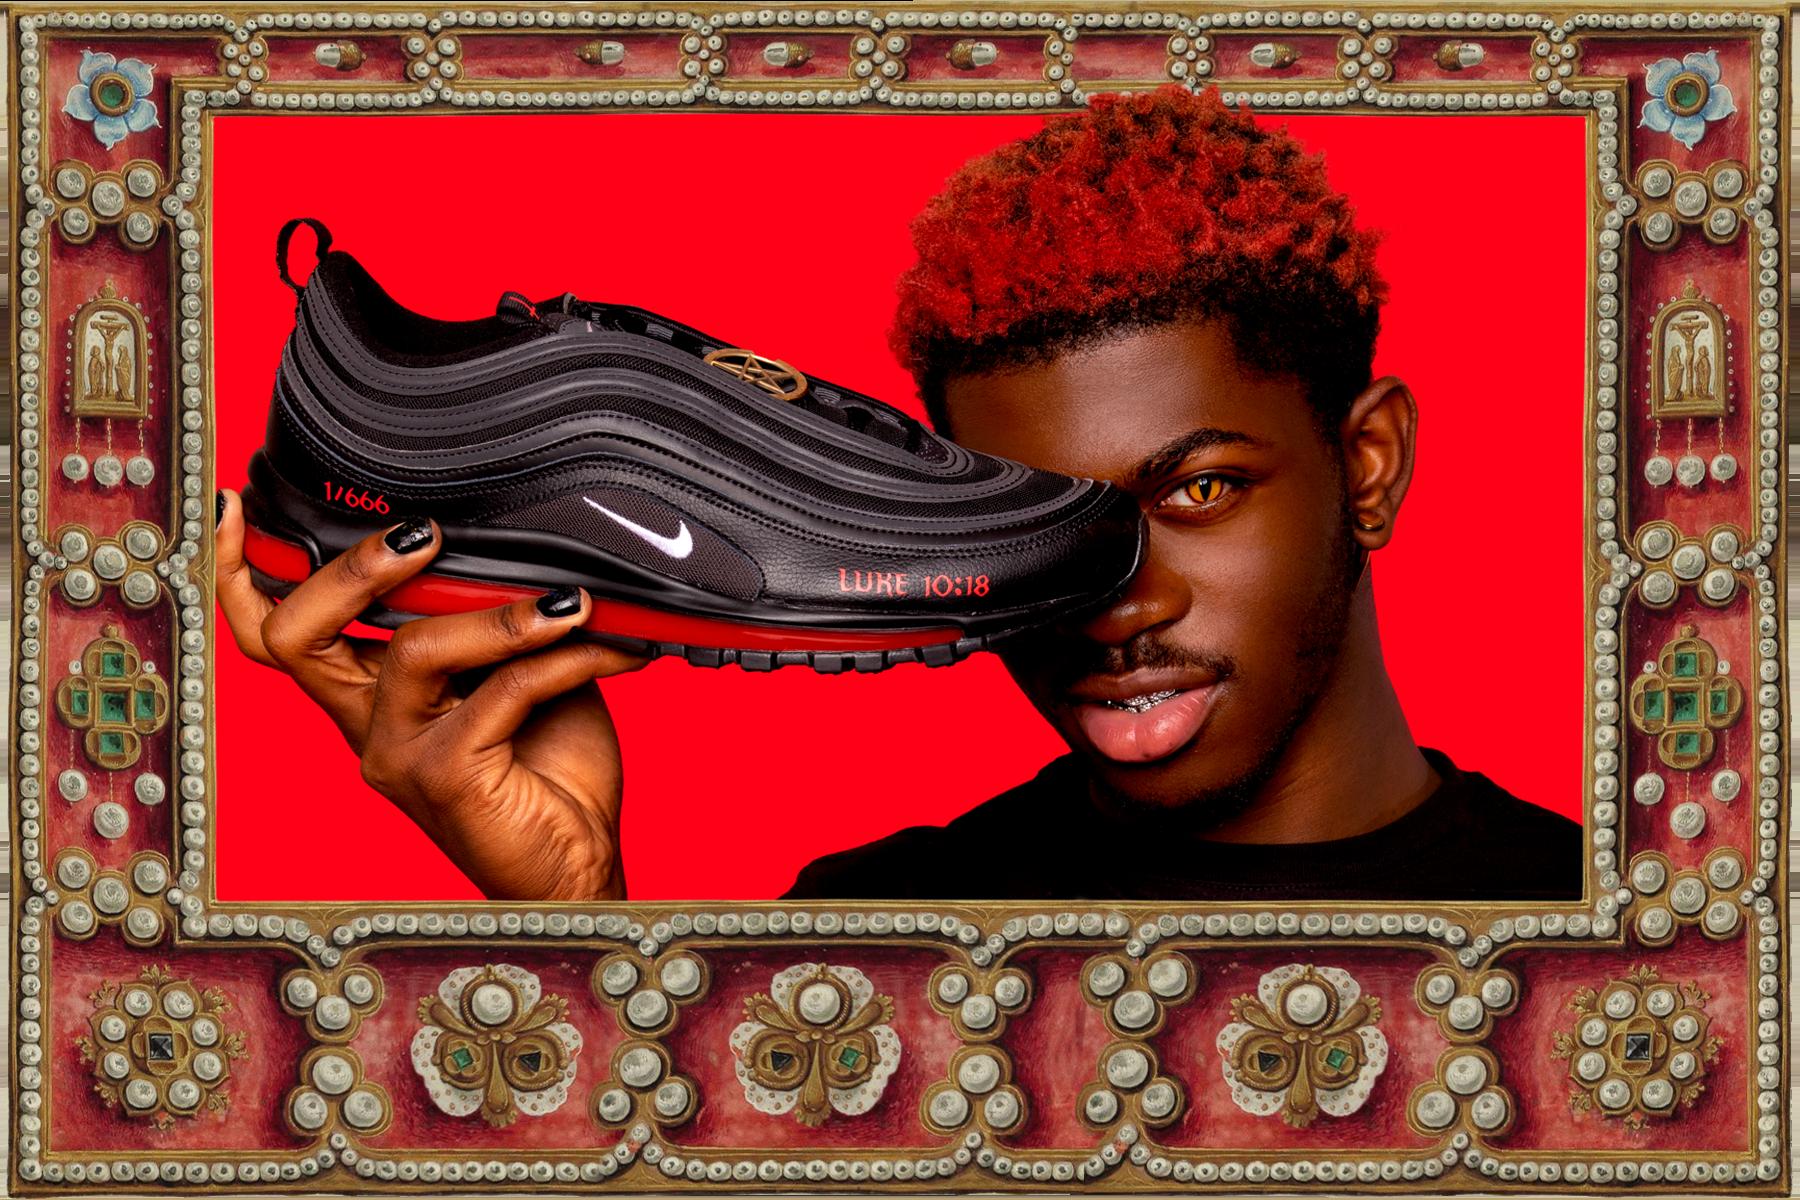 Egy csepp emberi vér is lötyög Lil Nas X sátáni Nike cipőjében